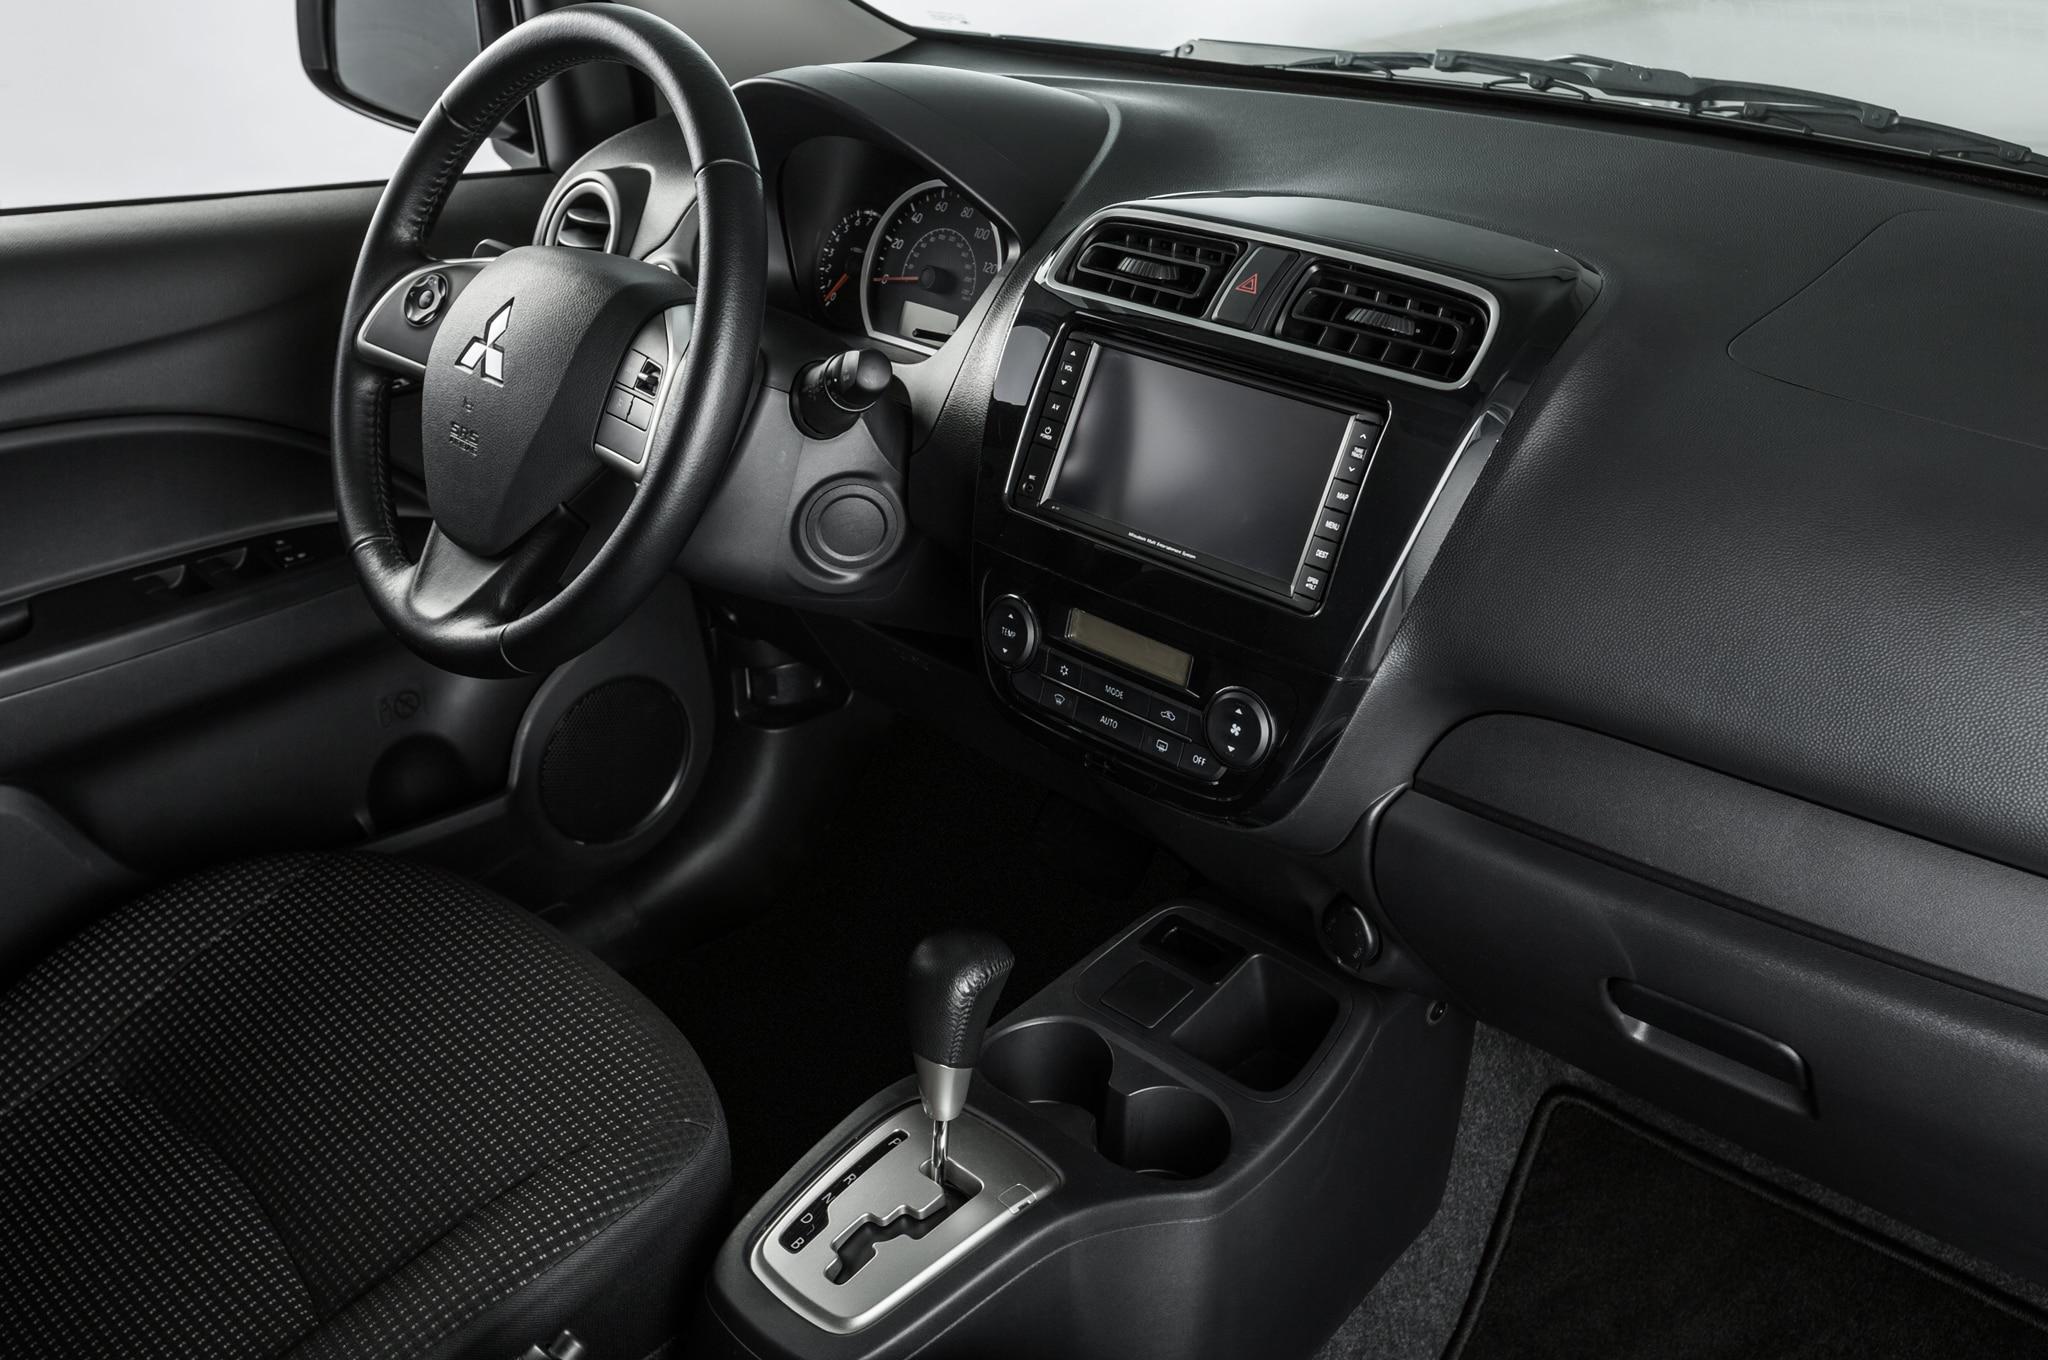 2015 mitsubishi mirage es interior - Mitsubishi Montero 2015 Interior